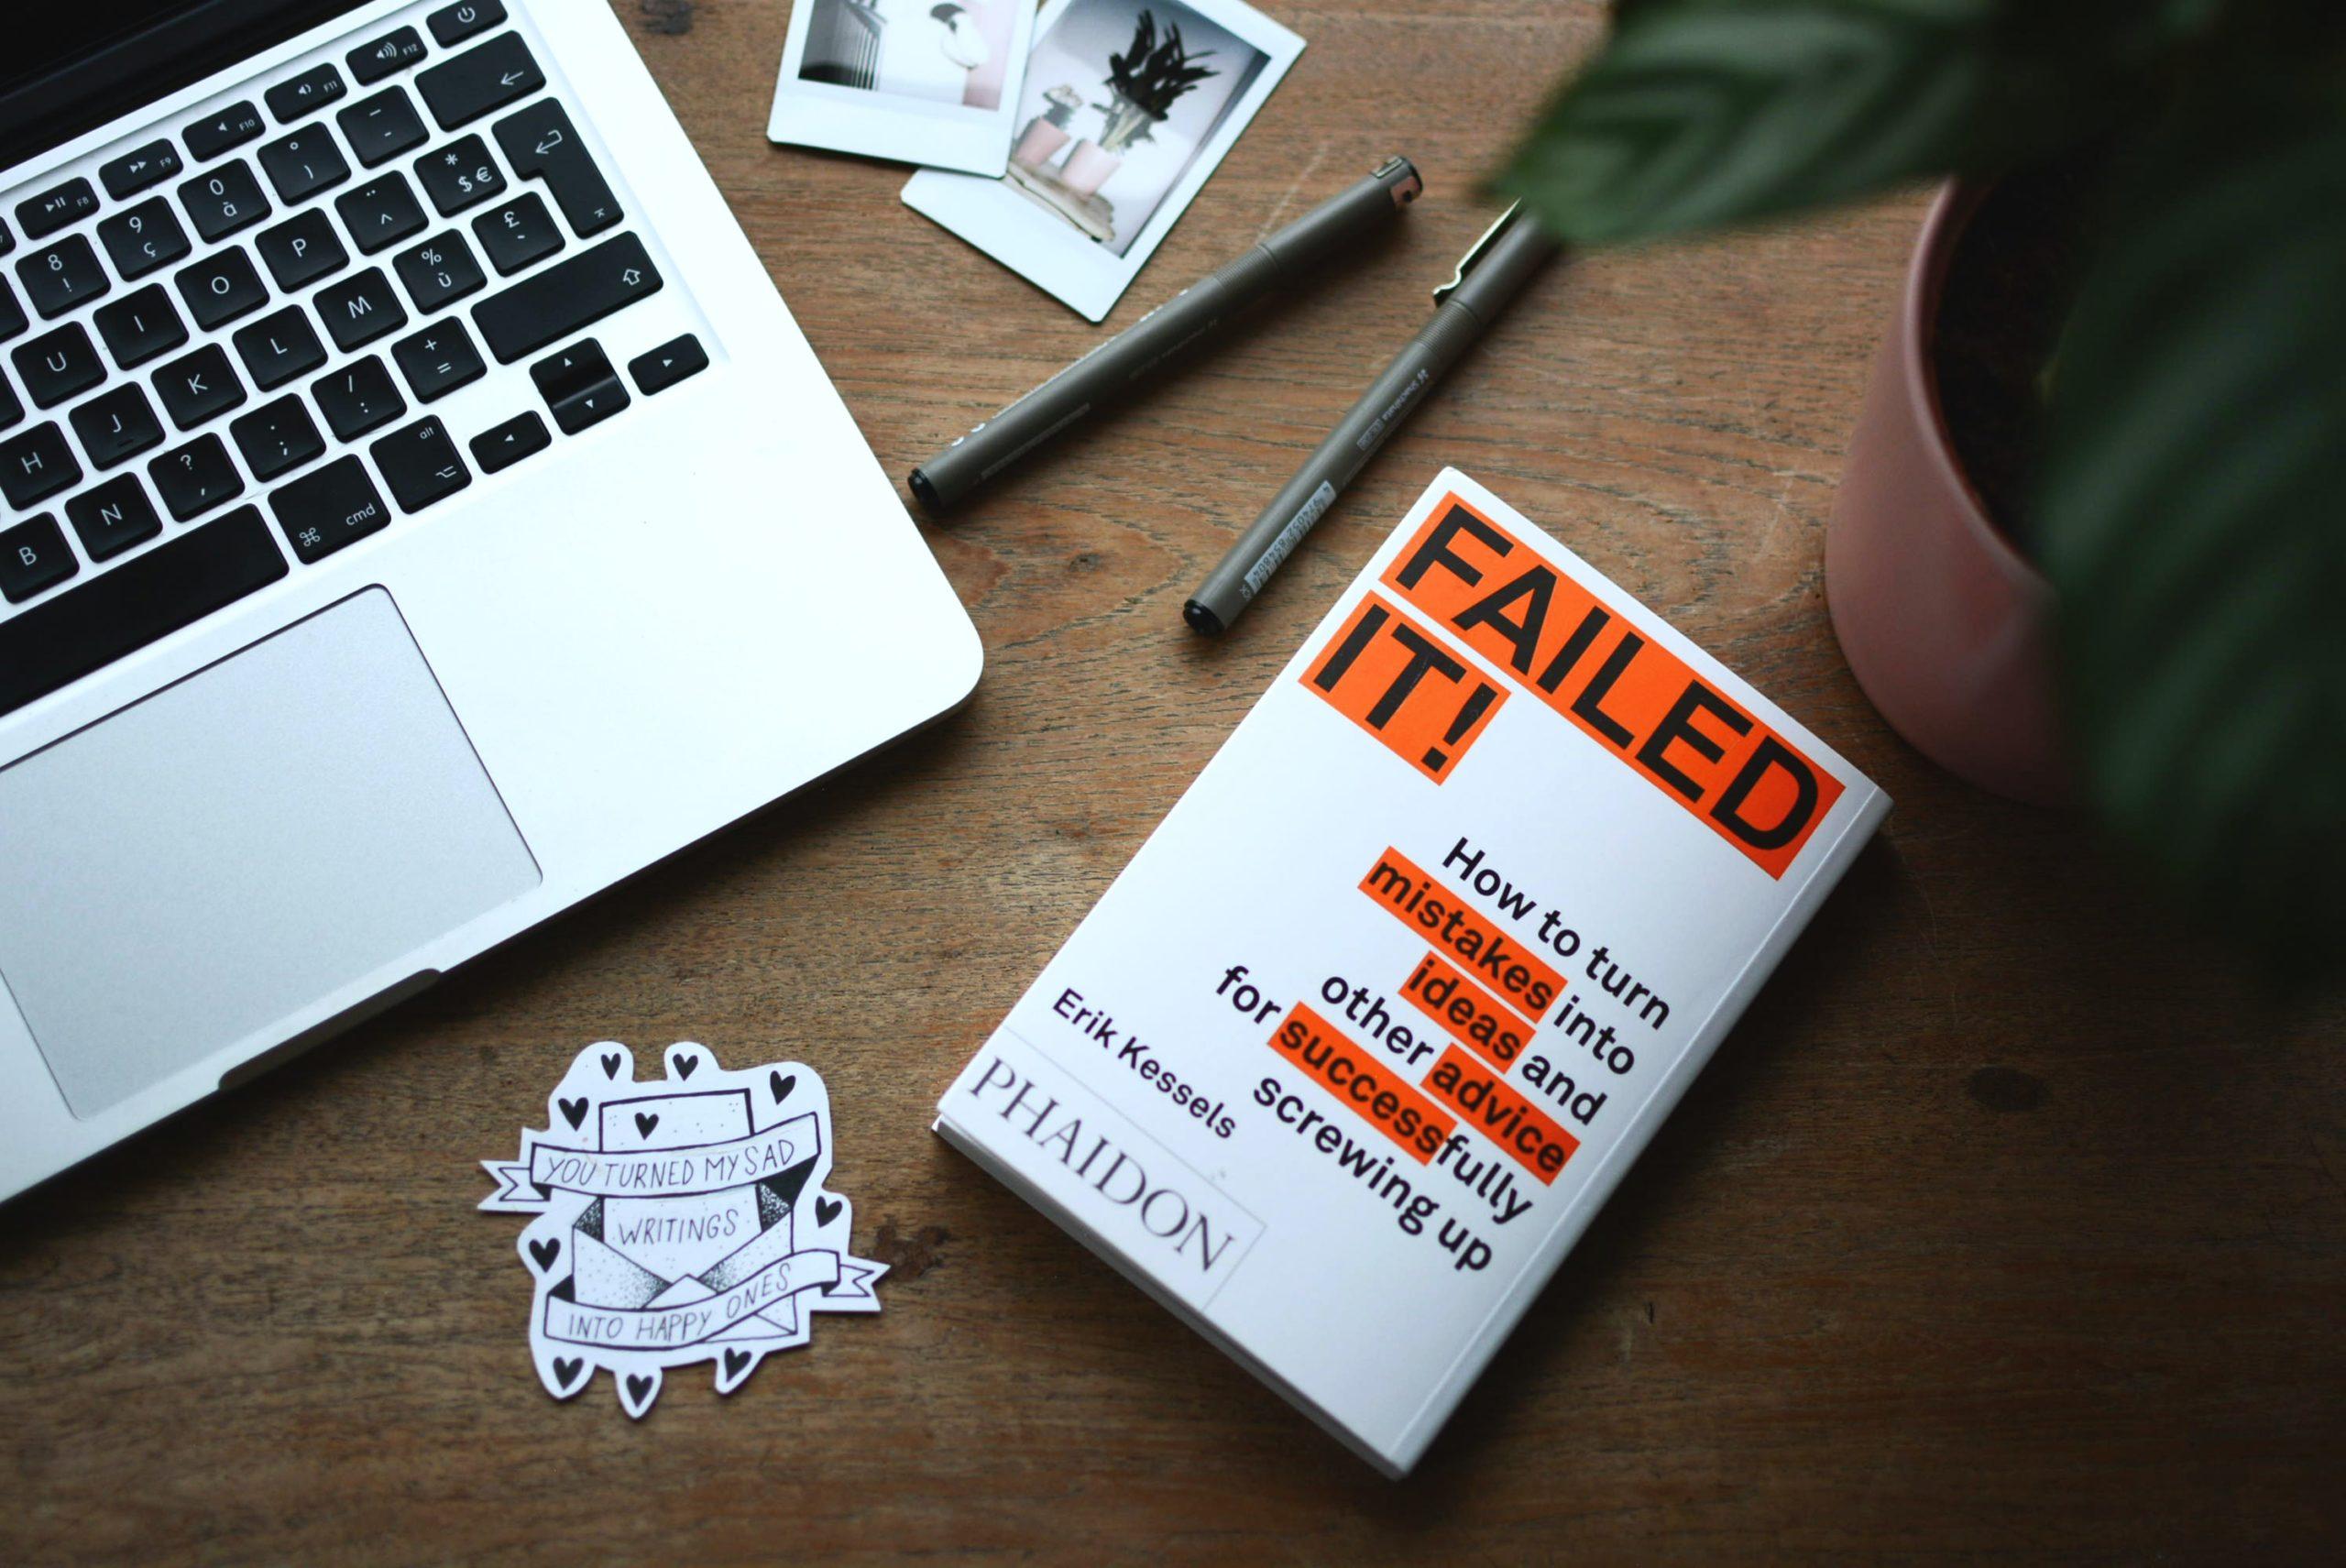 Les cinq principales raisons pour lesquelles les entrepreneurs échouent